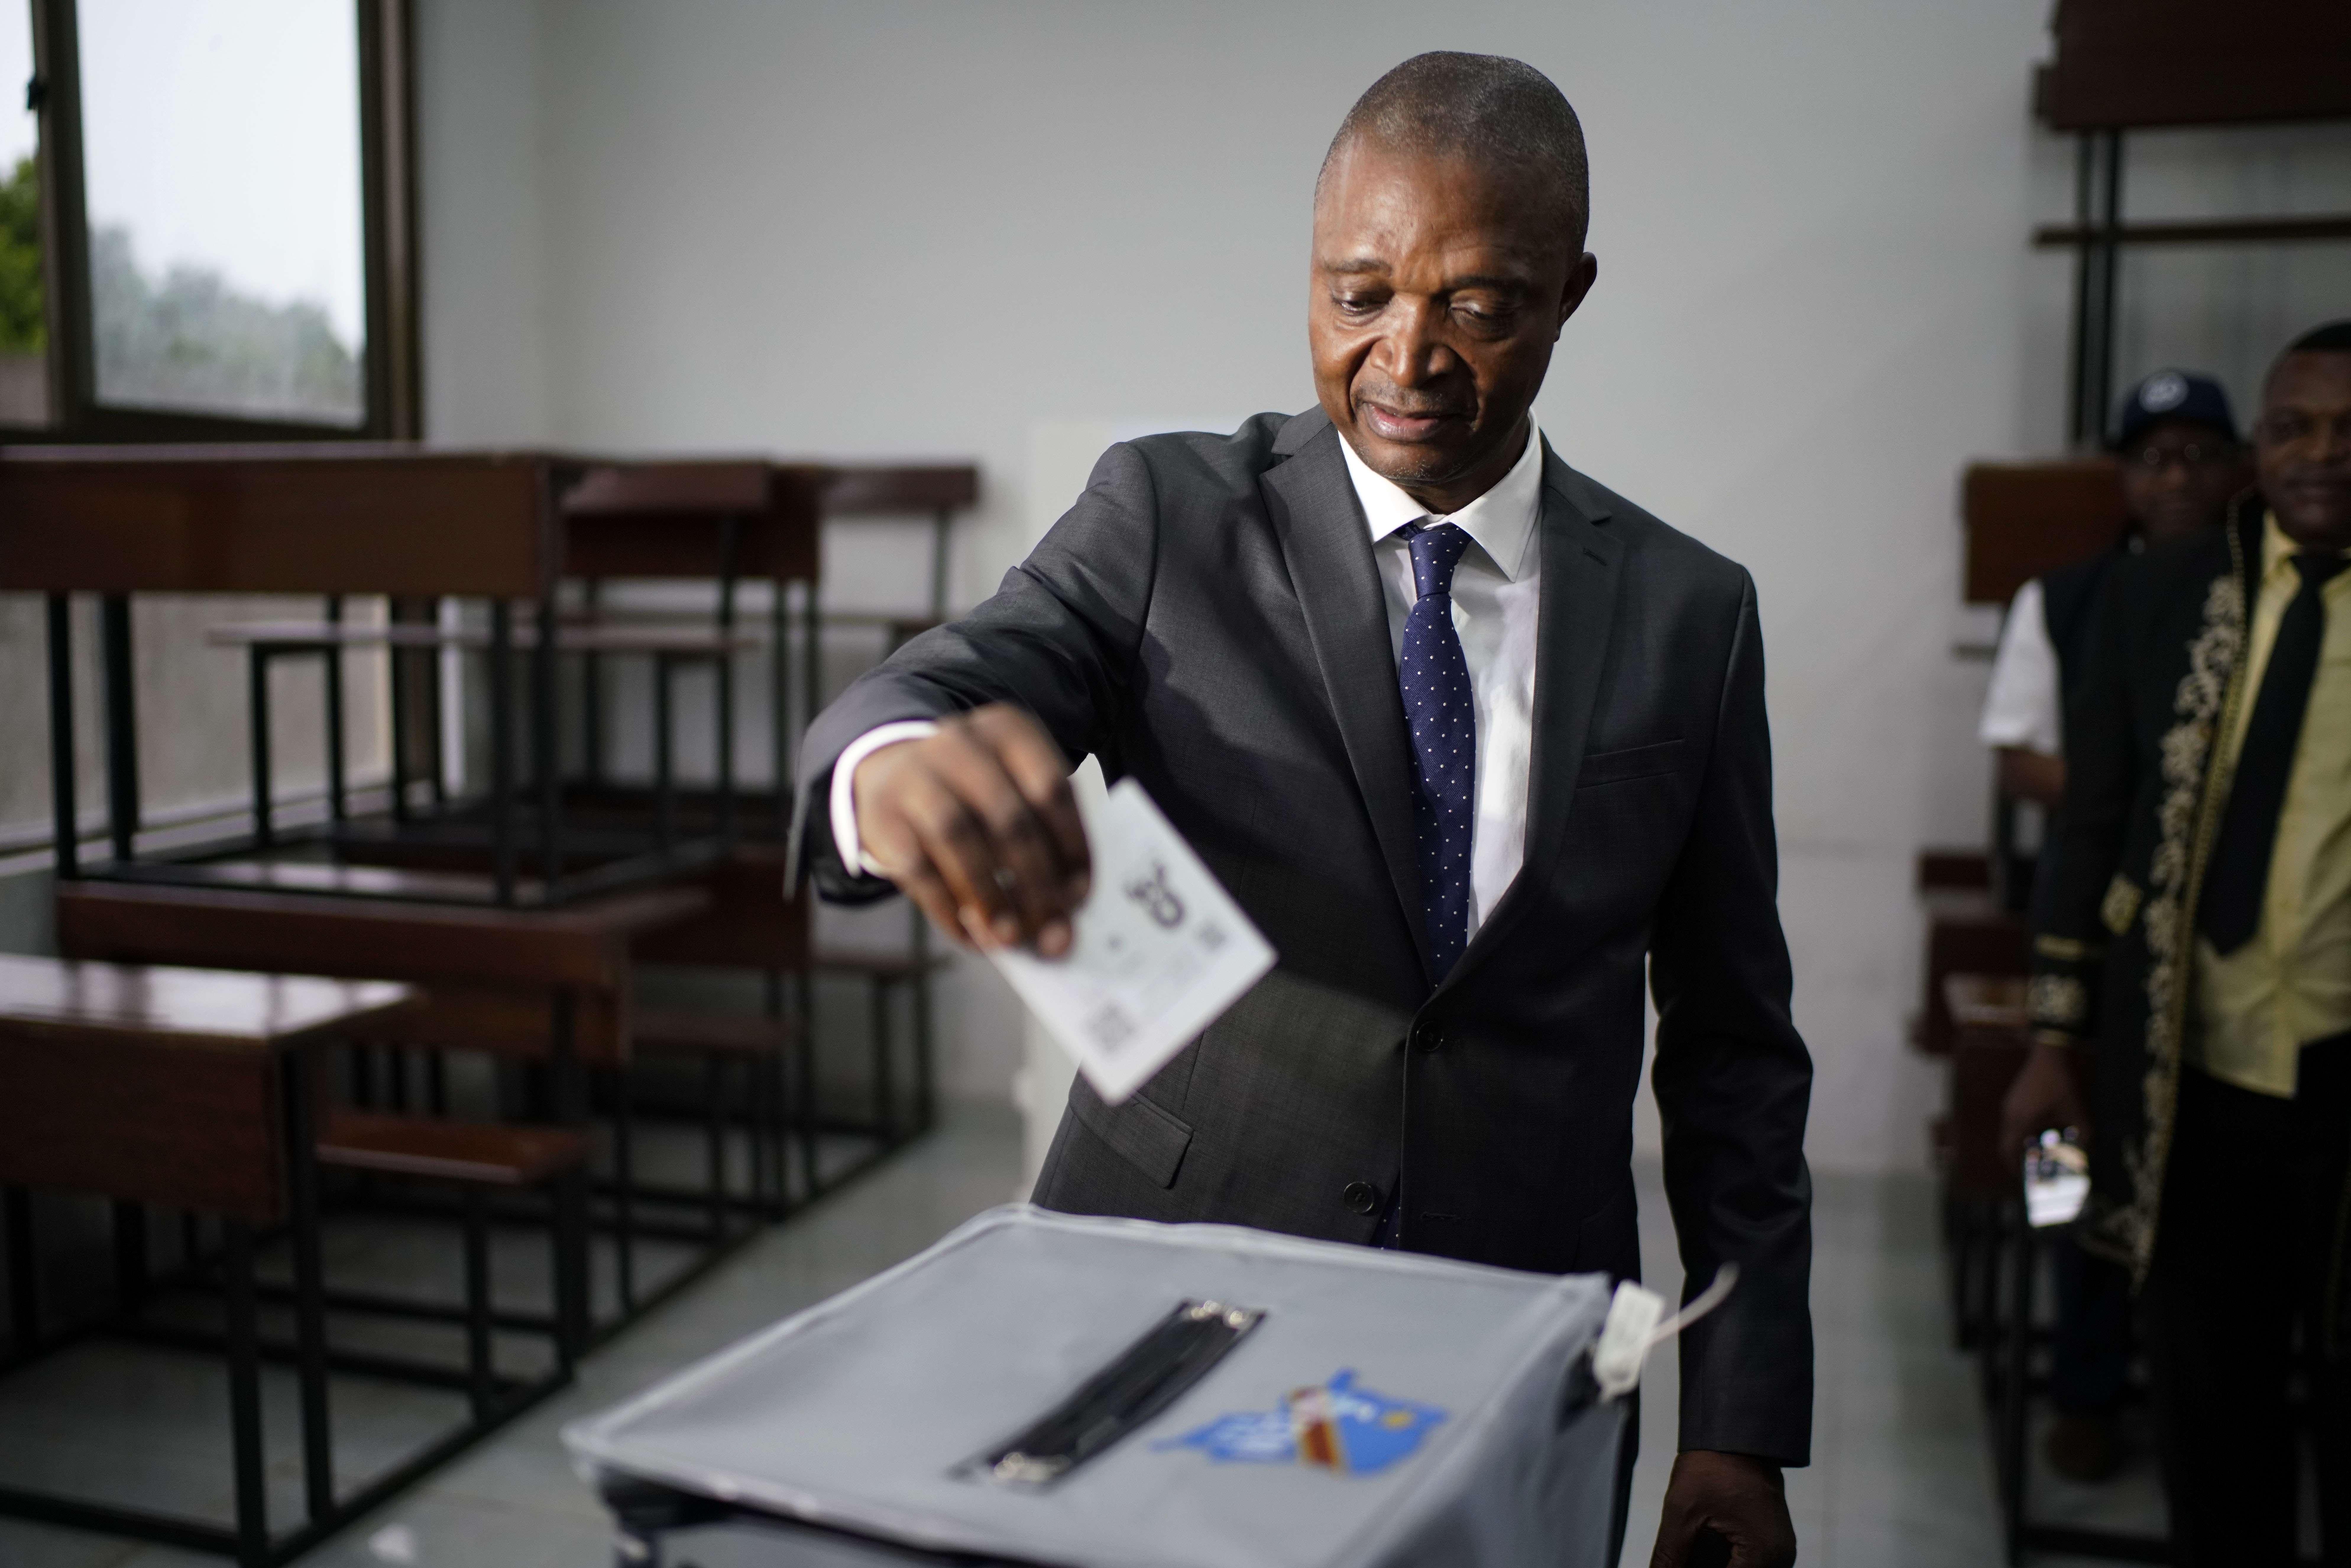 Le candidat à la présidence du parti au pouvoir, Emmanuel Ramazani Shadary, a voté dimanche 30 décembre 2018 à Kinshasa.